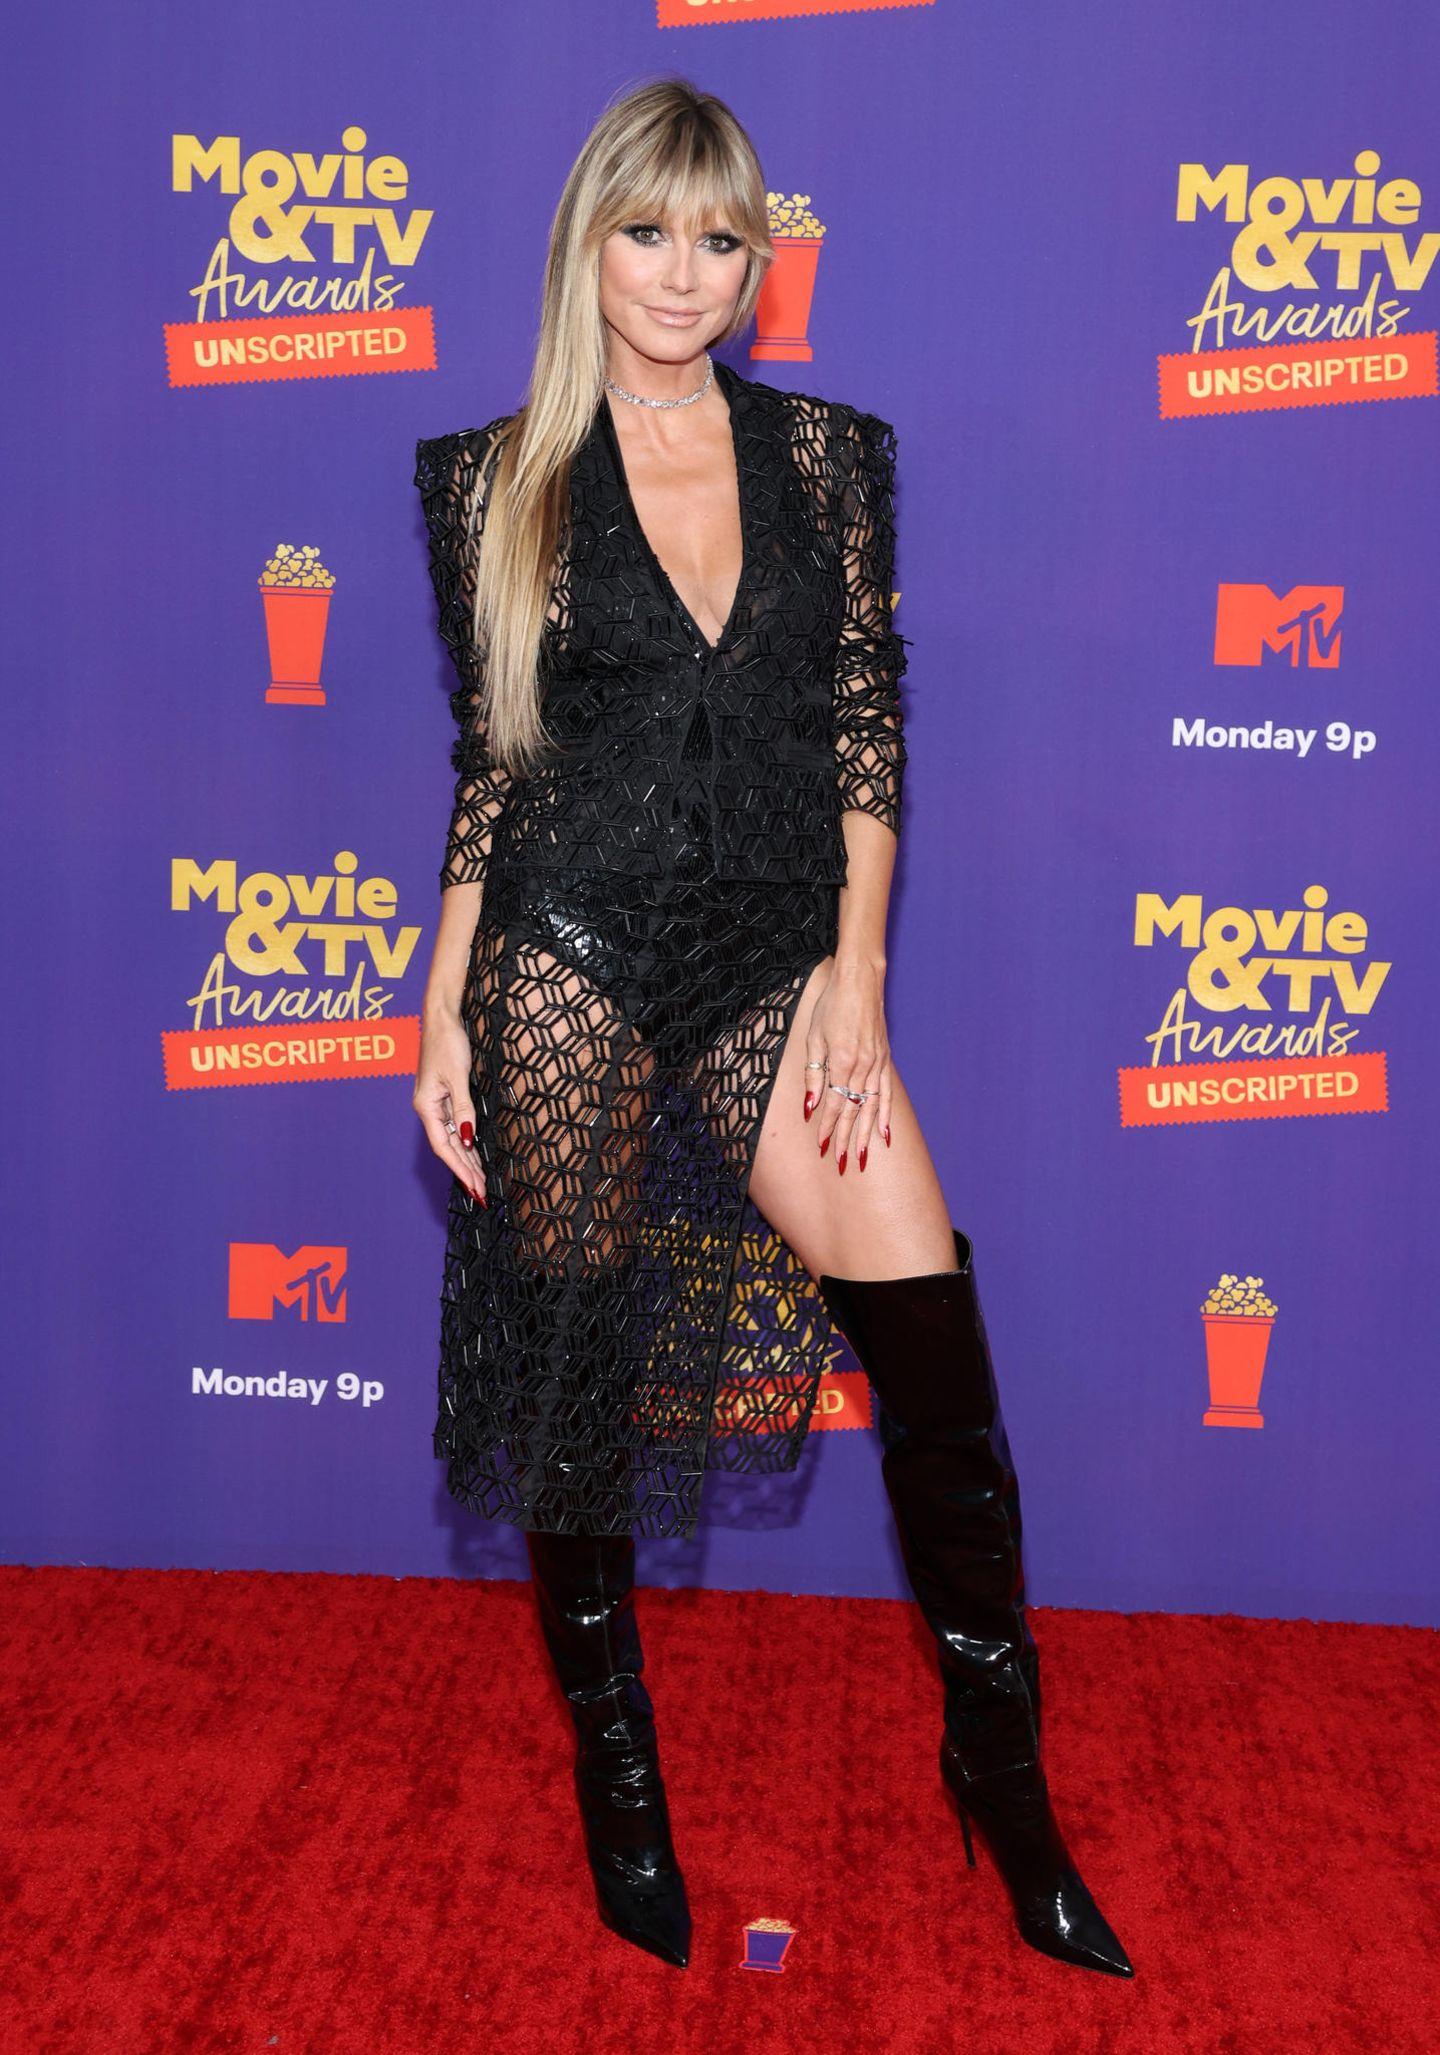 Heidii Klum bei den MTV Movie & TV Awards: UNSCRIPTED